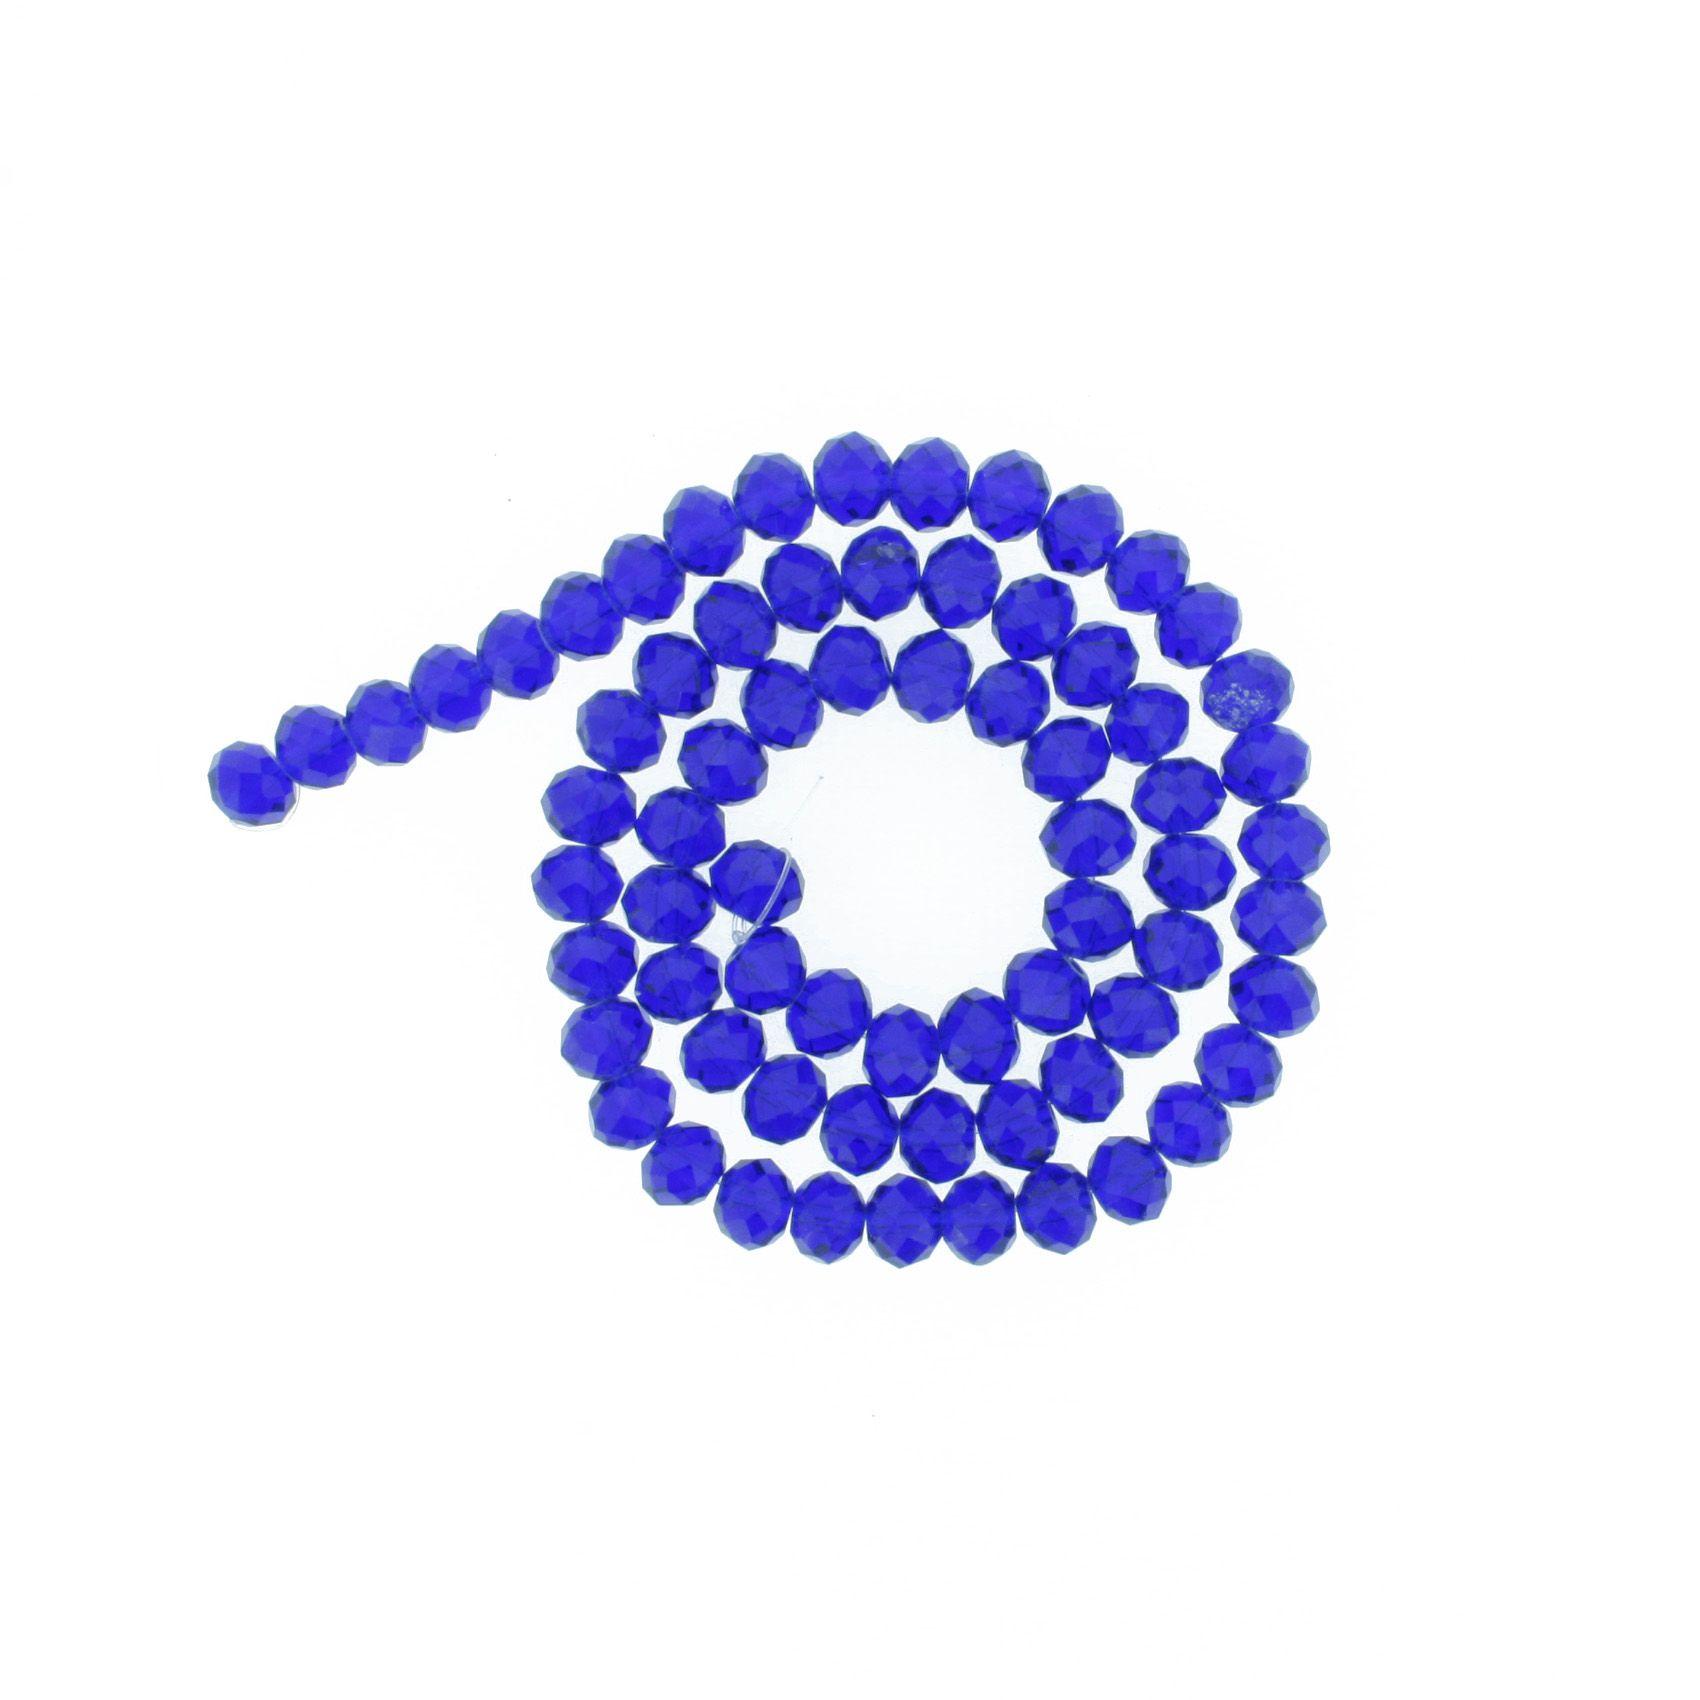 Fio de Cristal - Flat® - Azul Royal Transparente - 8mm  - Stéphanie Bijoux® - Peças para Bijuterias e Artesanato